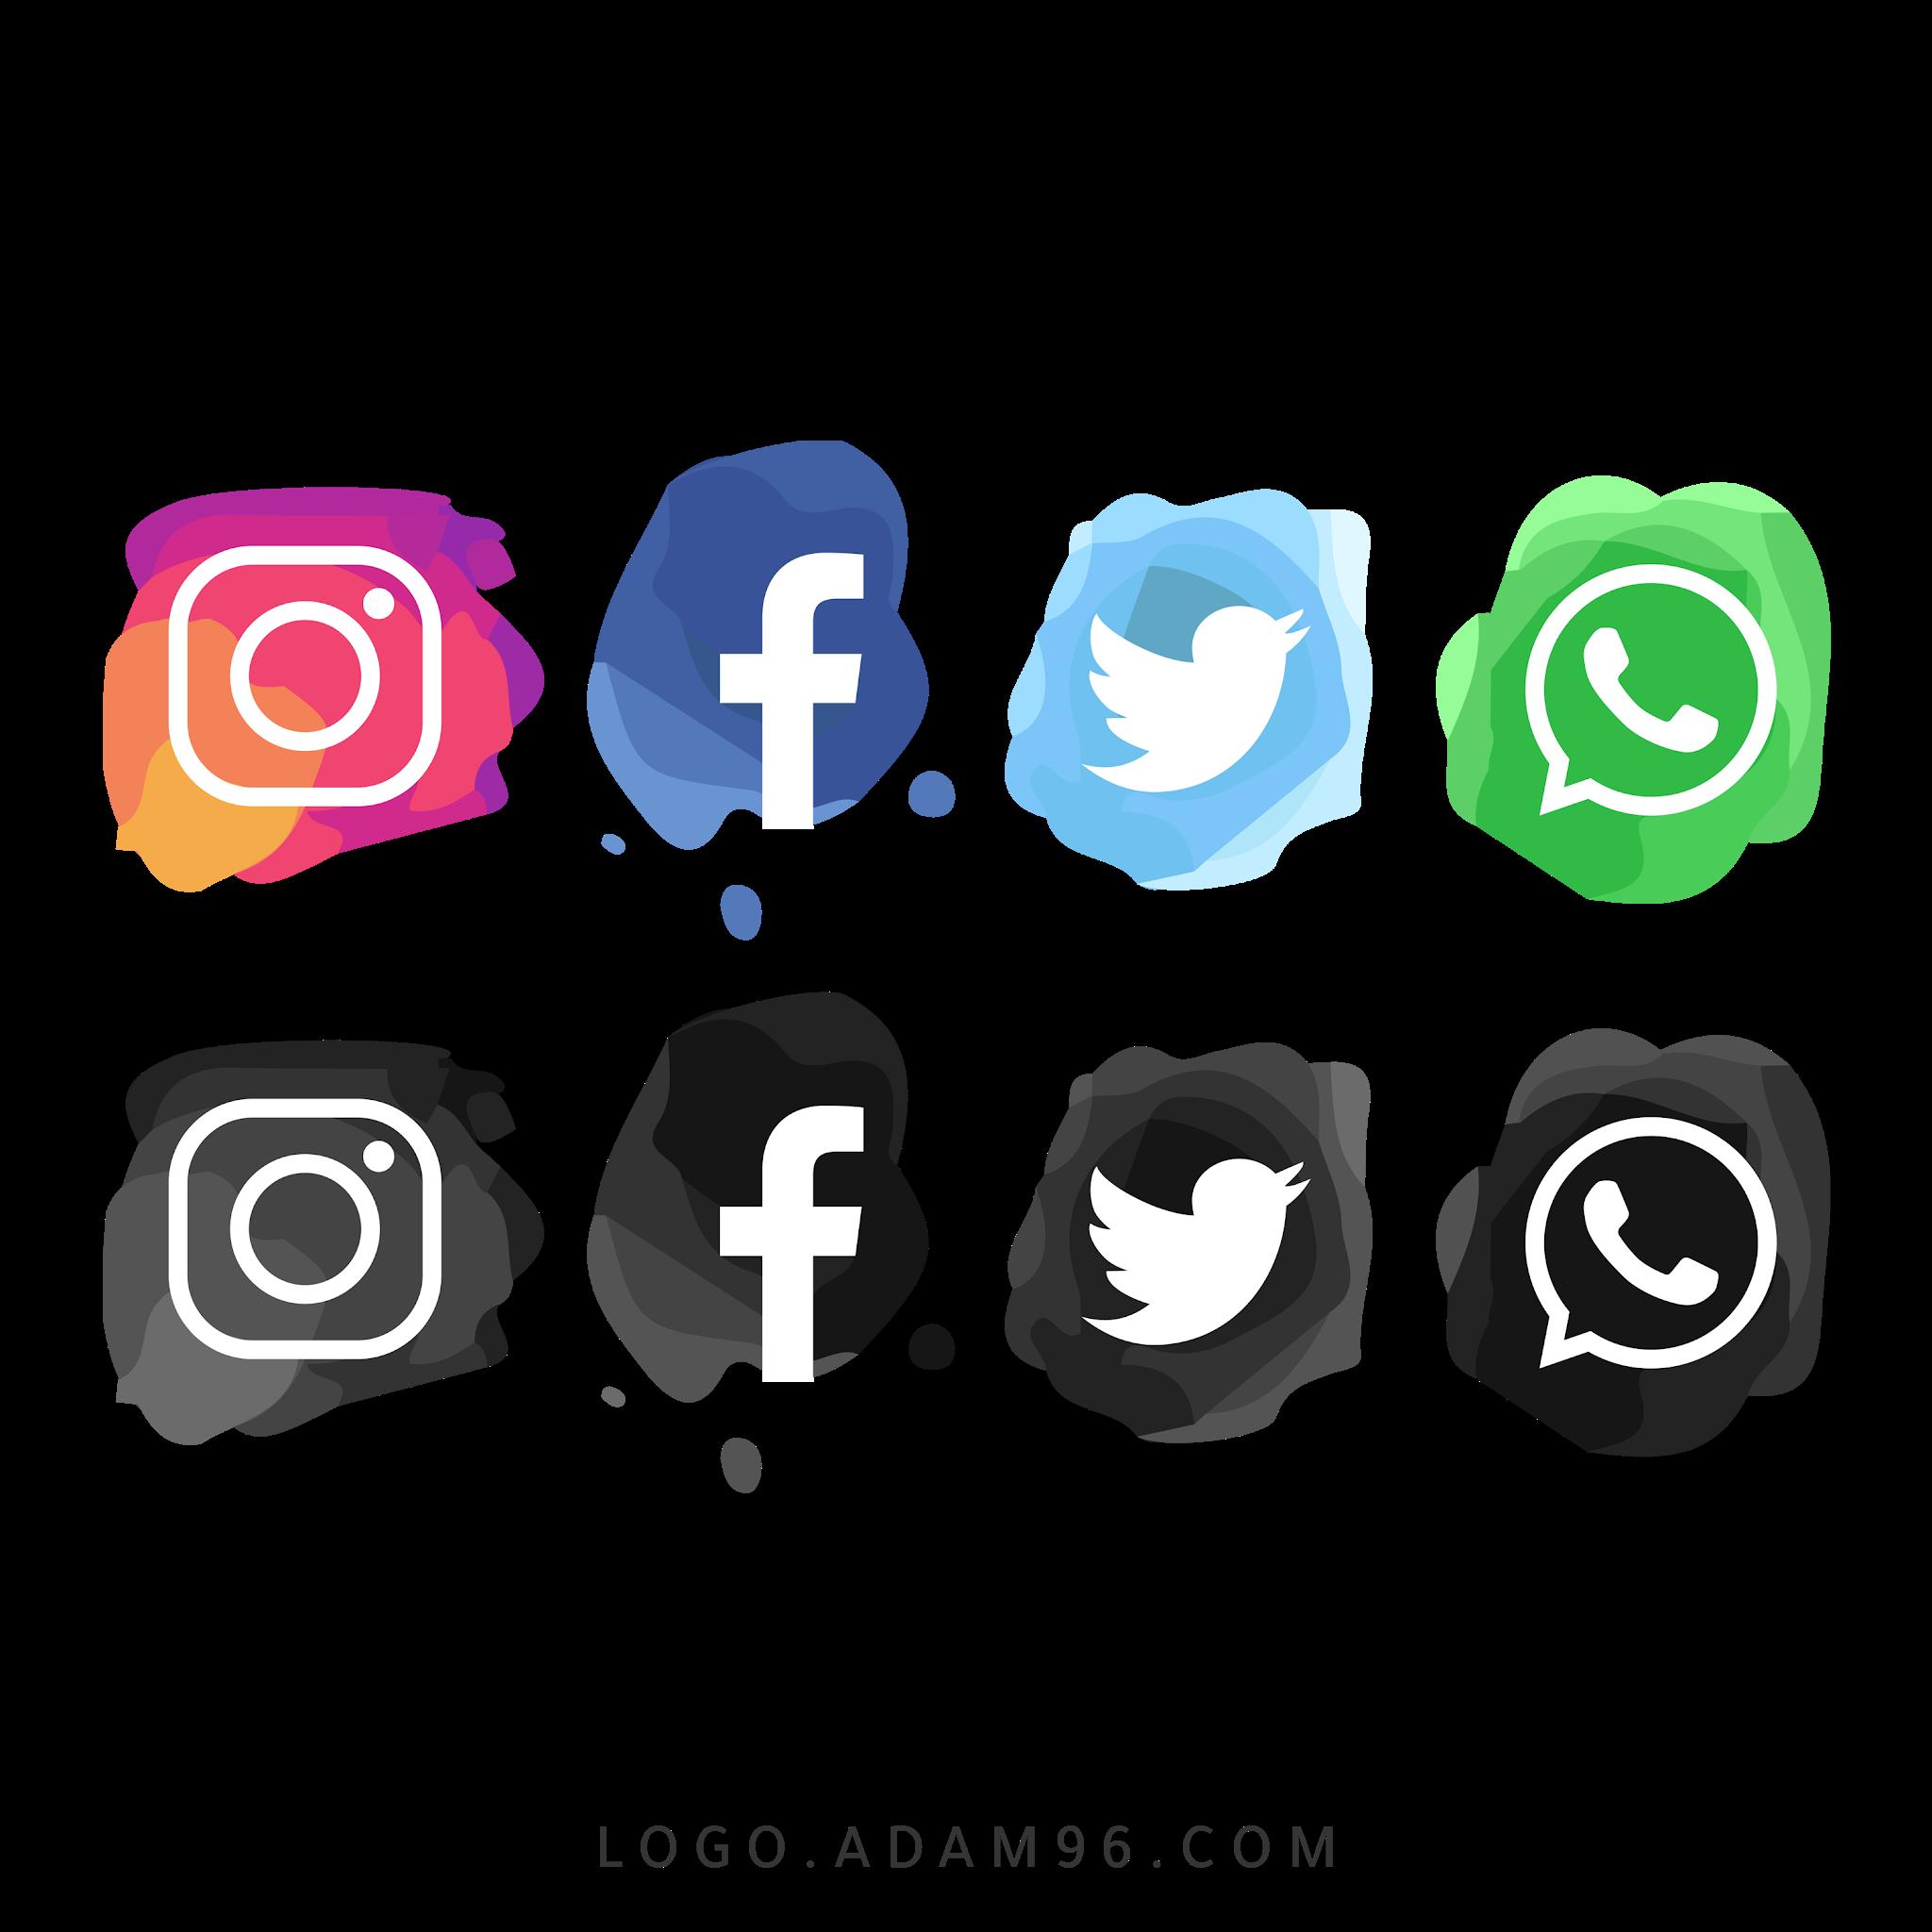 تحميل ايقونات مواقع التواصل الاجتماعي عالية الجودة بصيغة PNG